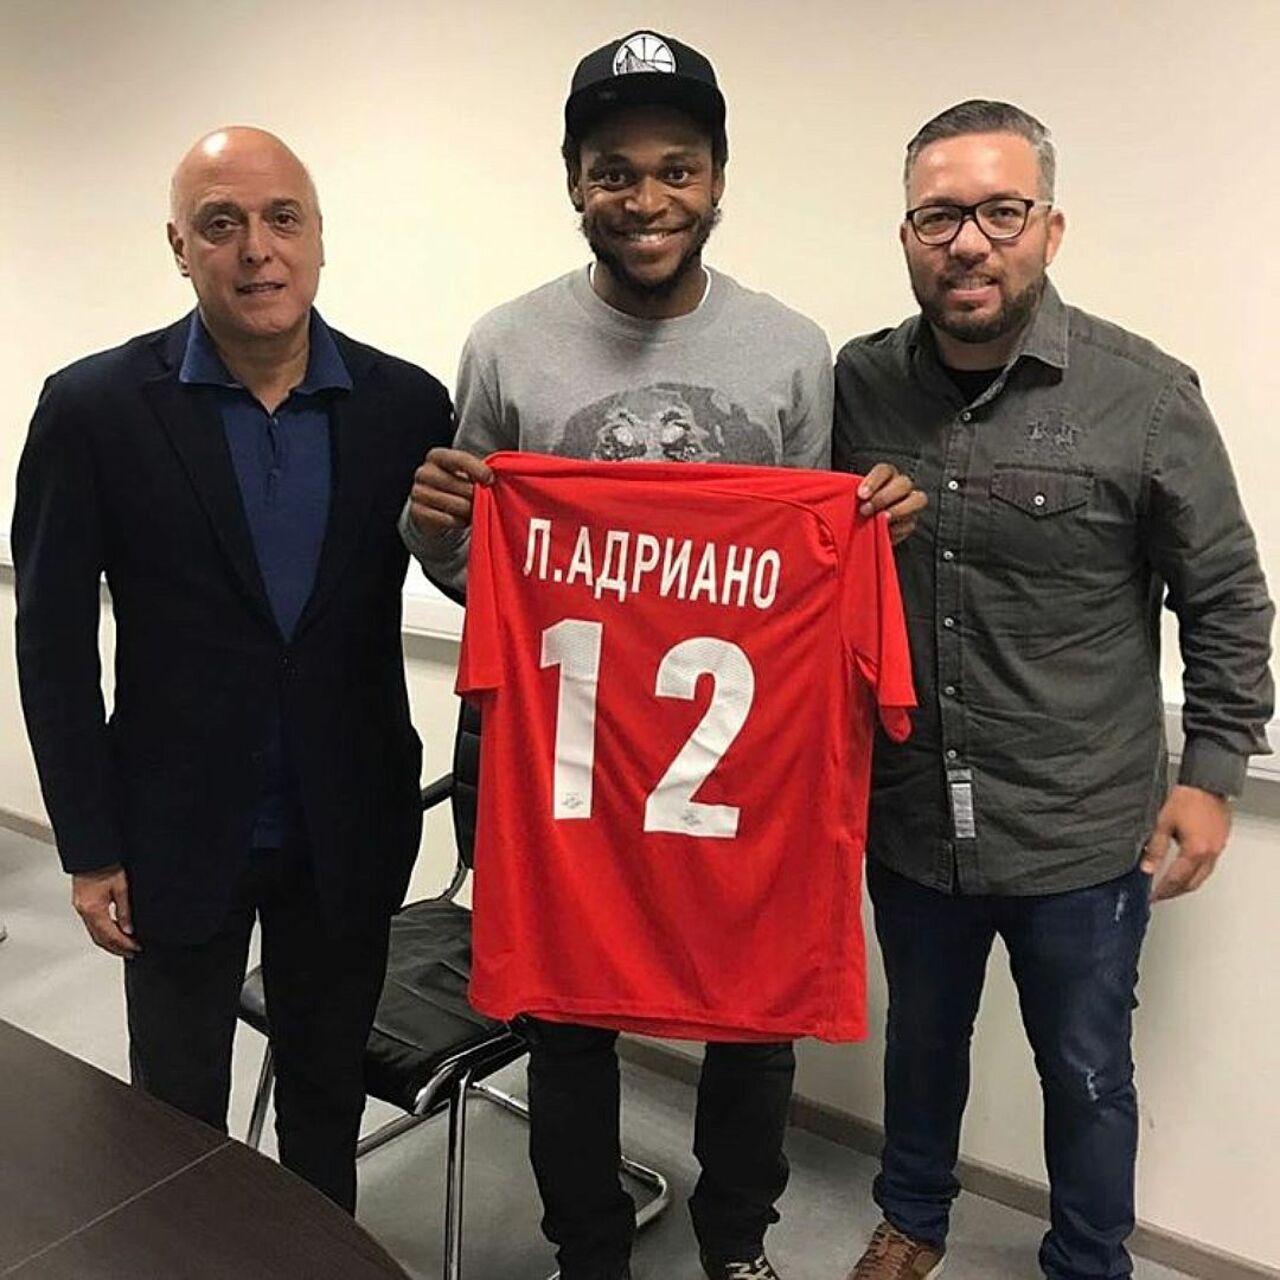 «Спартак» подпишет договор сЛуисом Адриано 16января